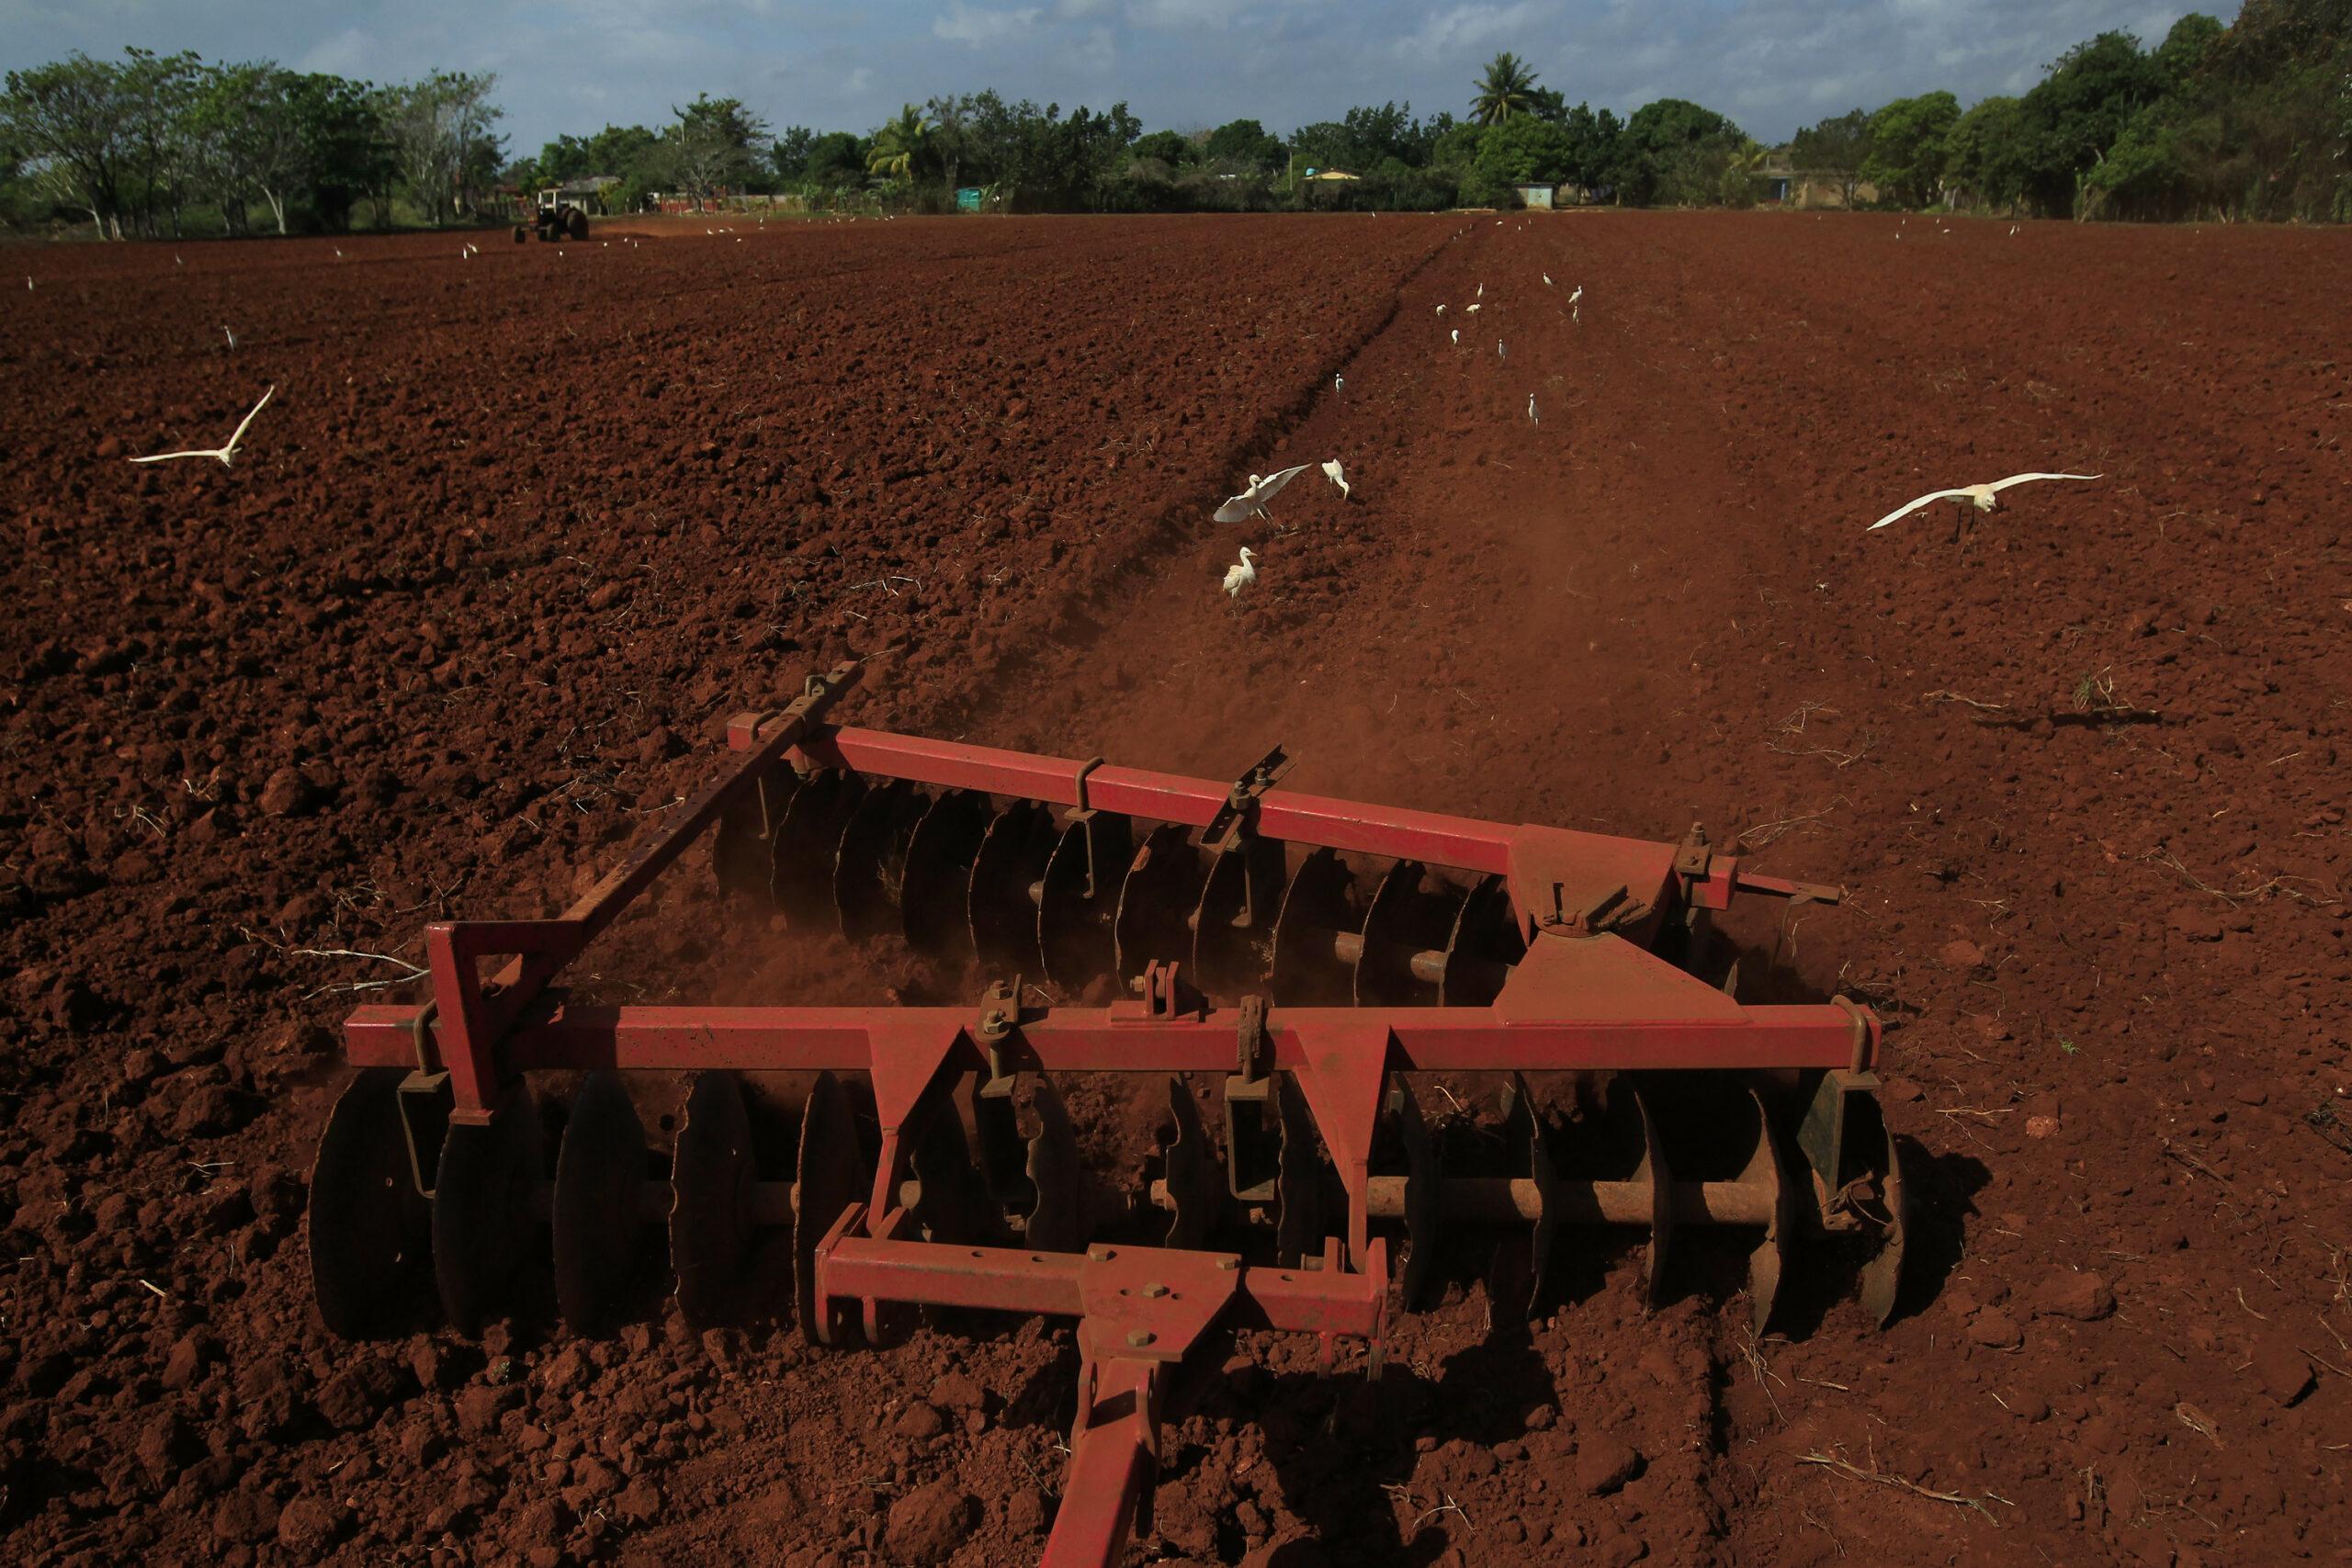 Capacitan a agricultores para exportar sus producciones.